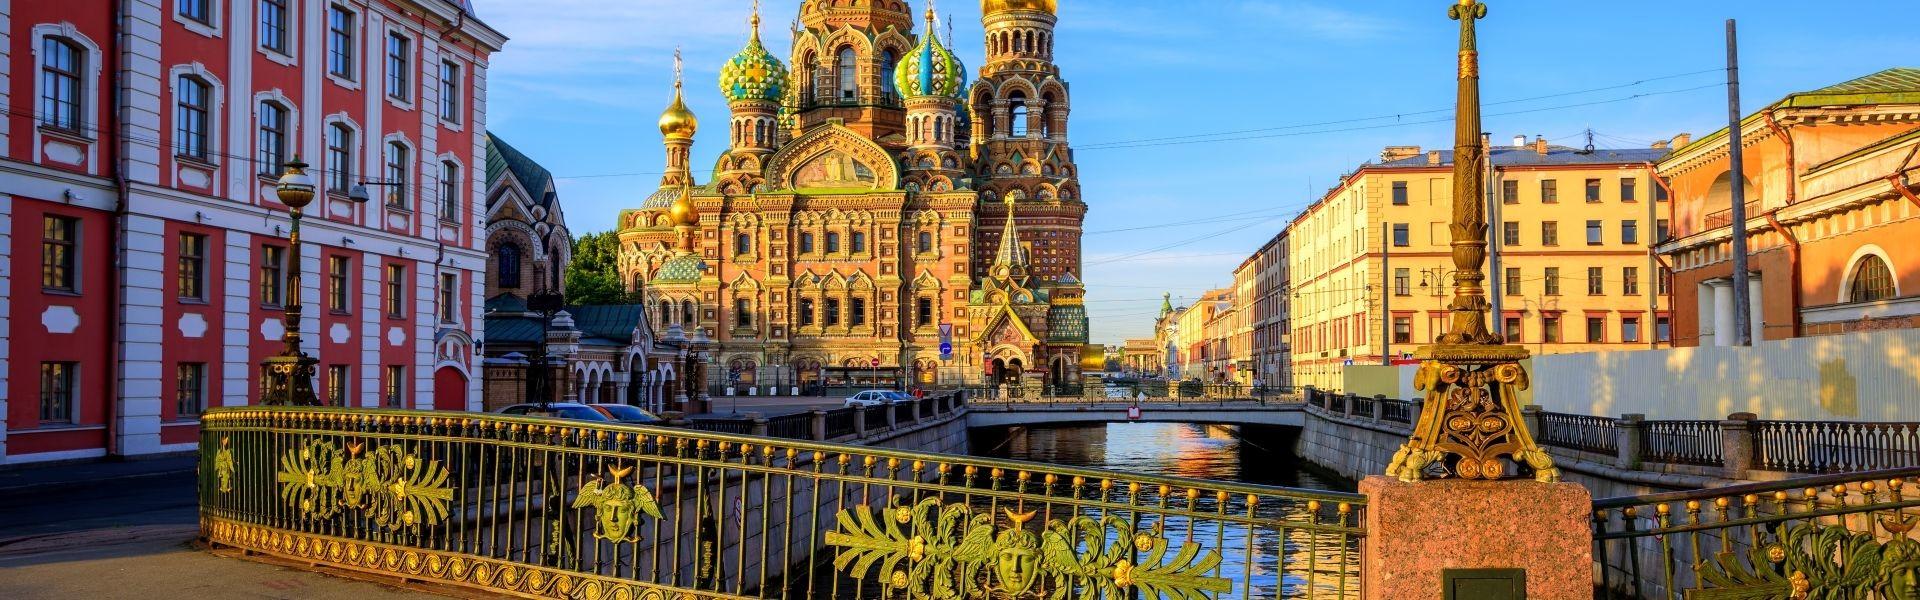 تور سن پترزبورگ + مسکو  15 خرداد 98 (شب های سفید)